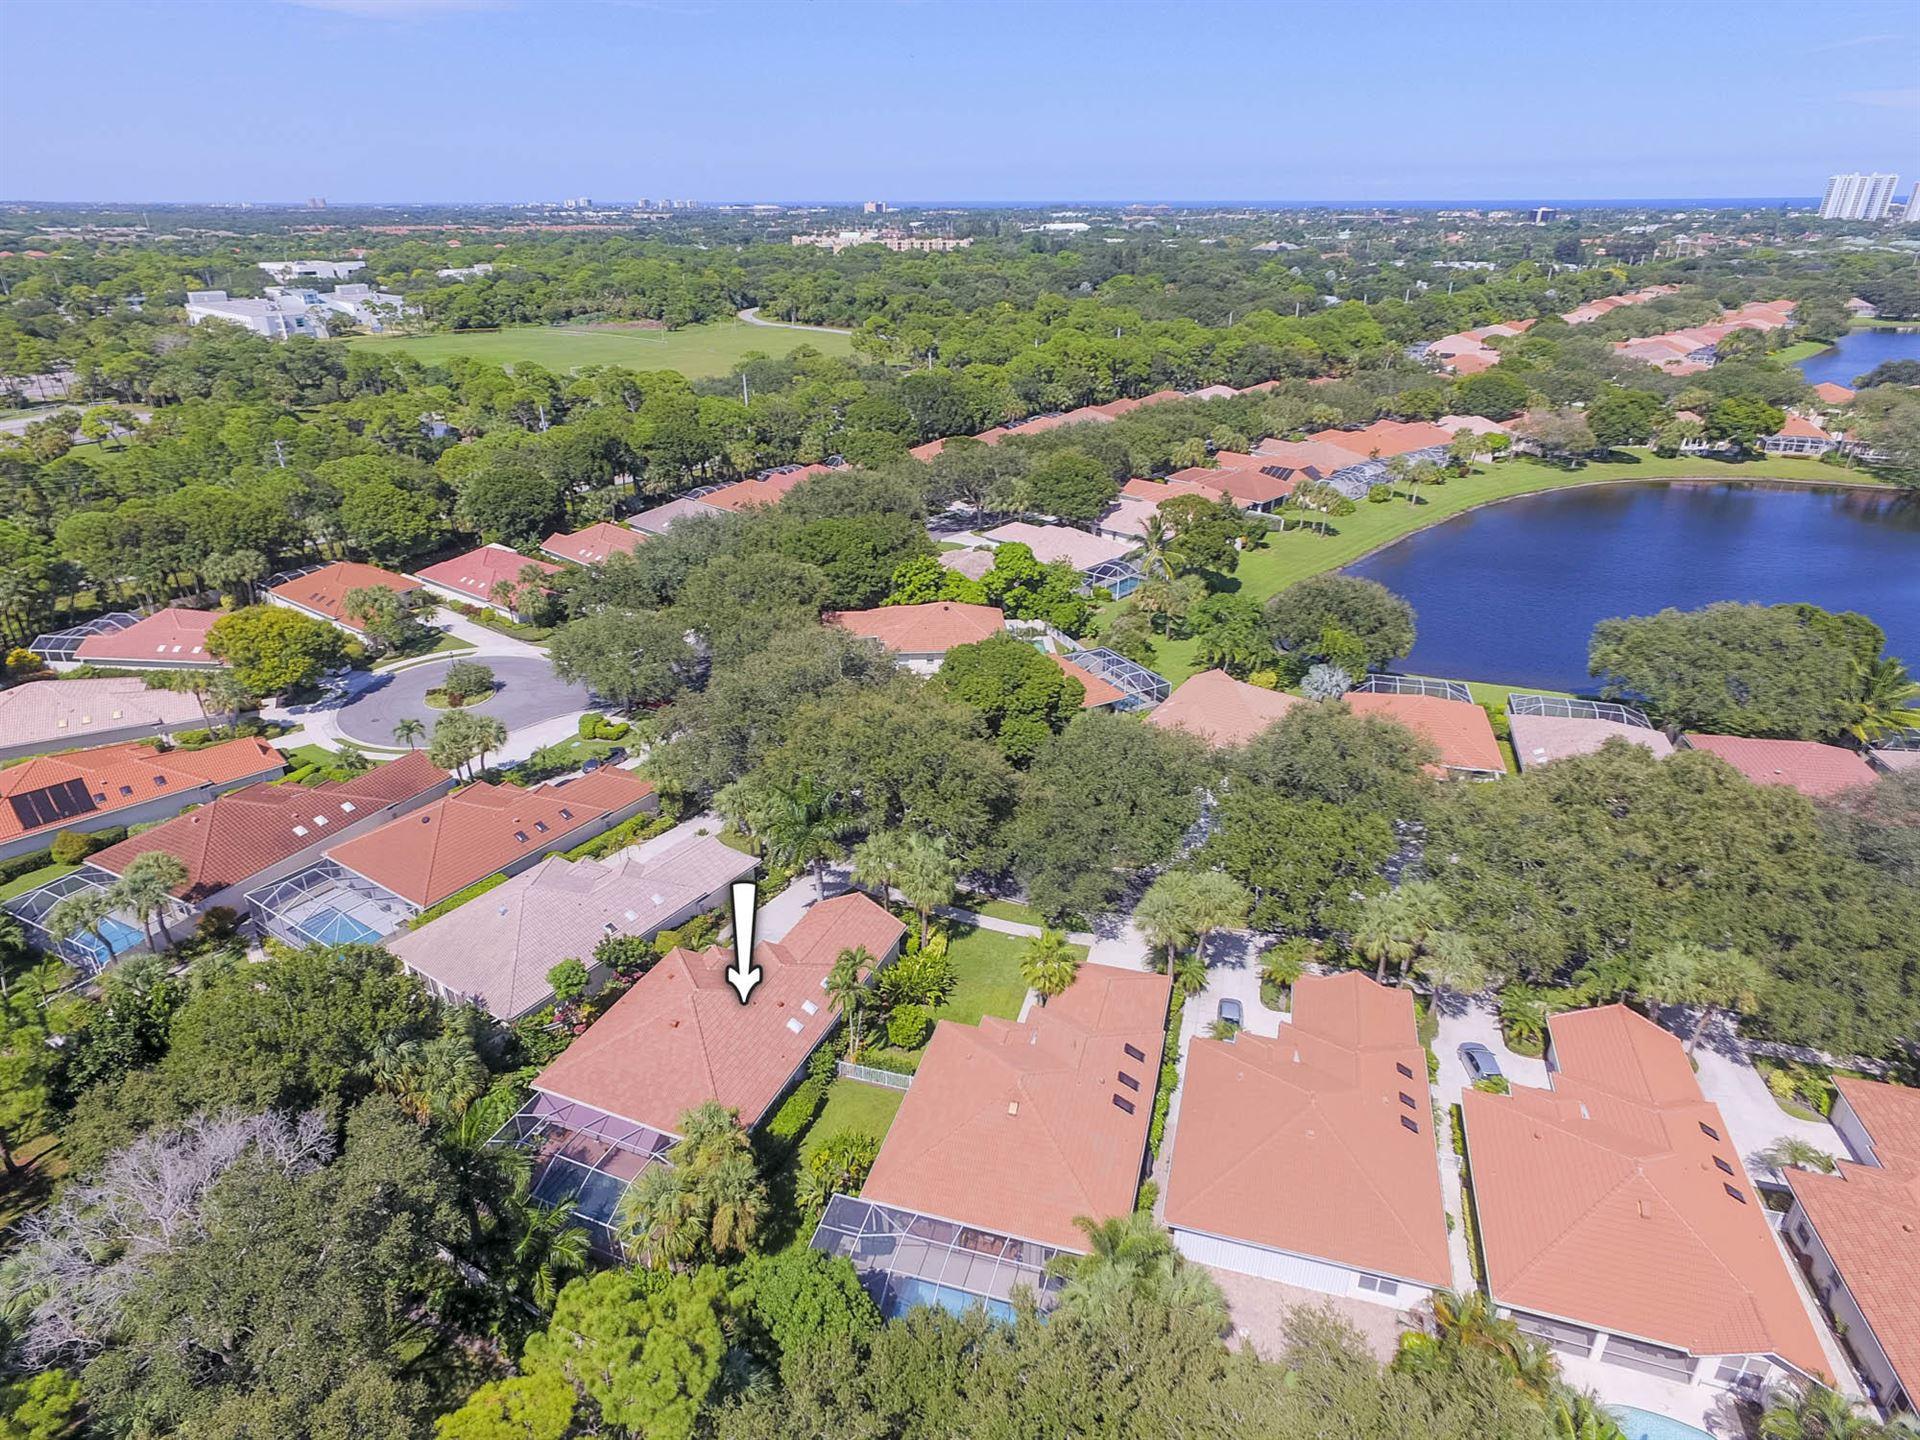 219 E Tall Oaks Circle, Palm Beach Gardens, FL 33410 - #: RX-10649255